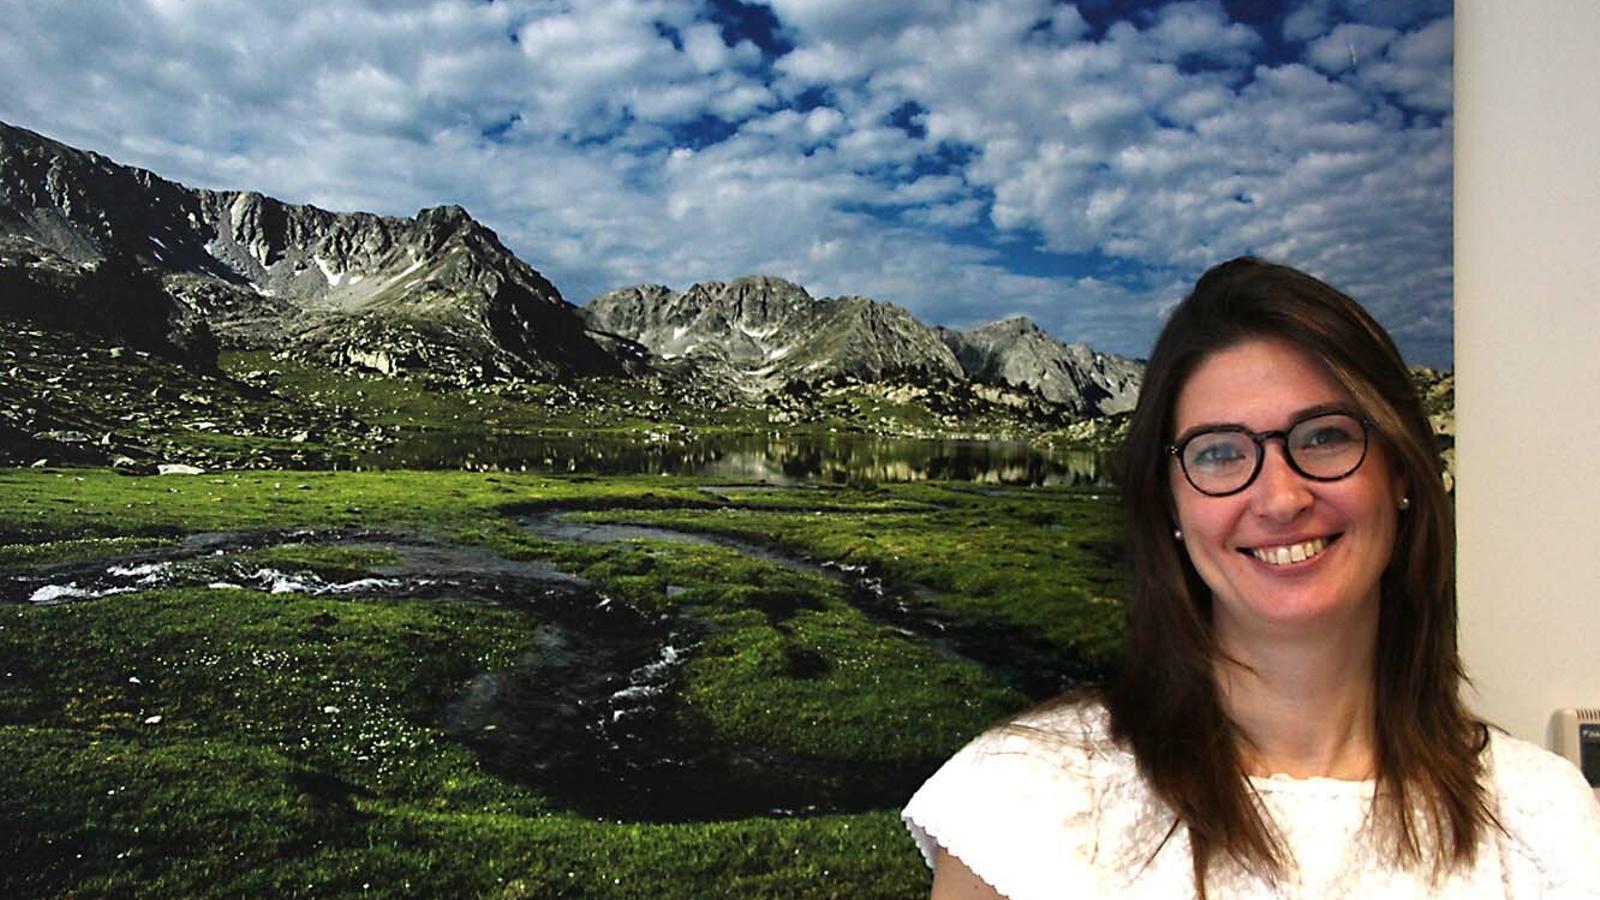 La directora del pla de gestió de la vall del Madriu-Perafita-Claror, Susanna Simon. / M. F. (ANA)